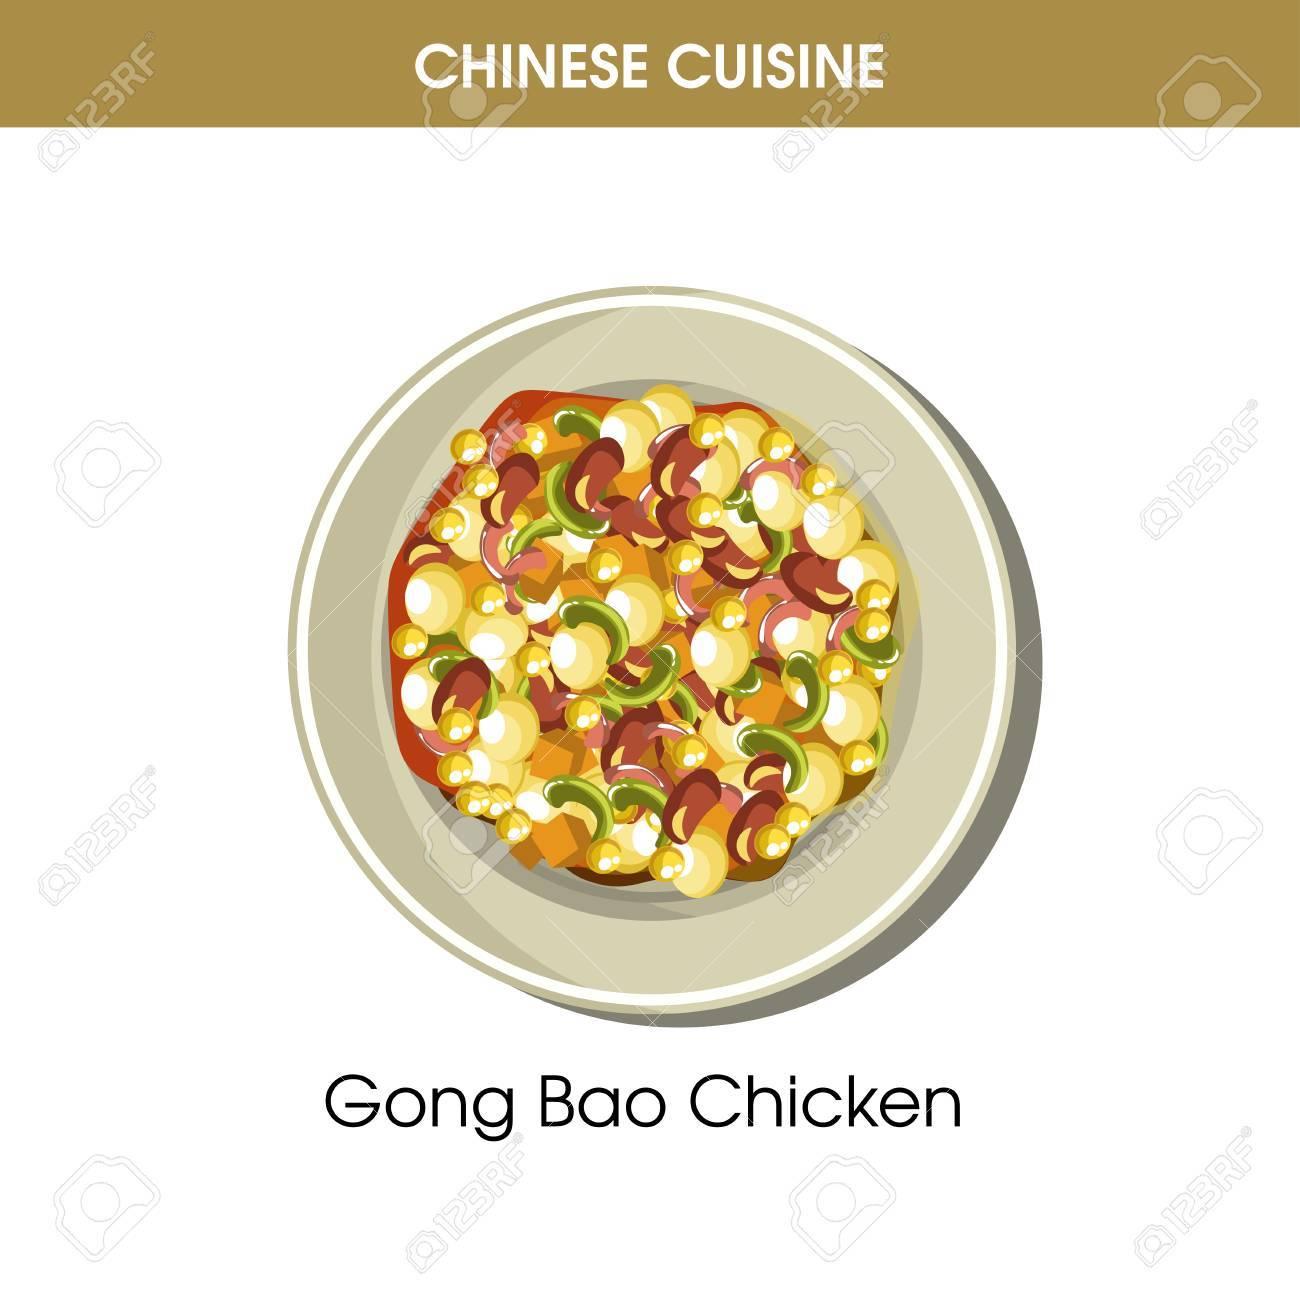 Chinesische Küche Gong Bao Huhn Traditionelles Gericht Essen Vektor ...